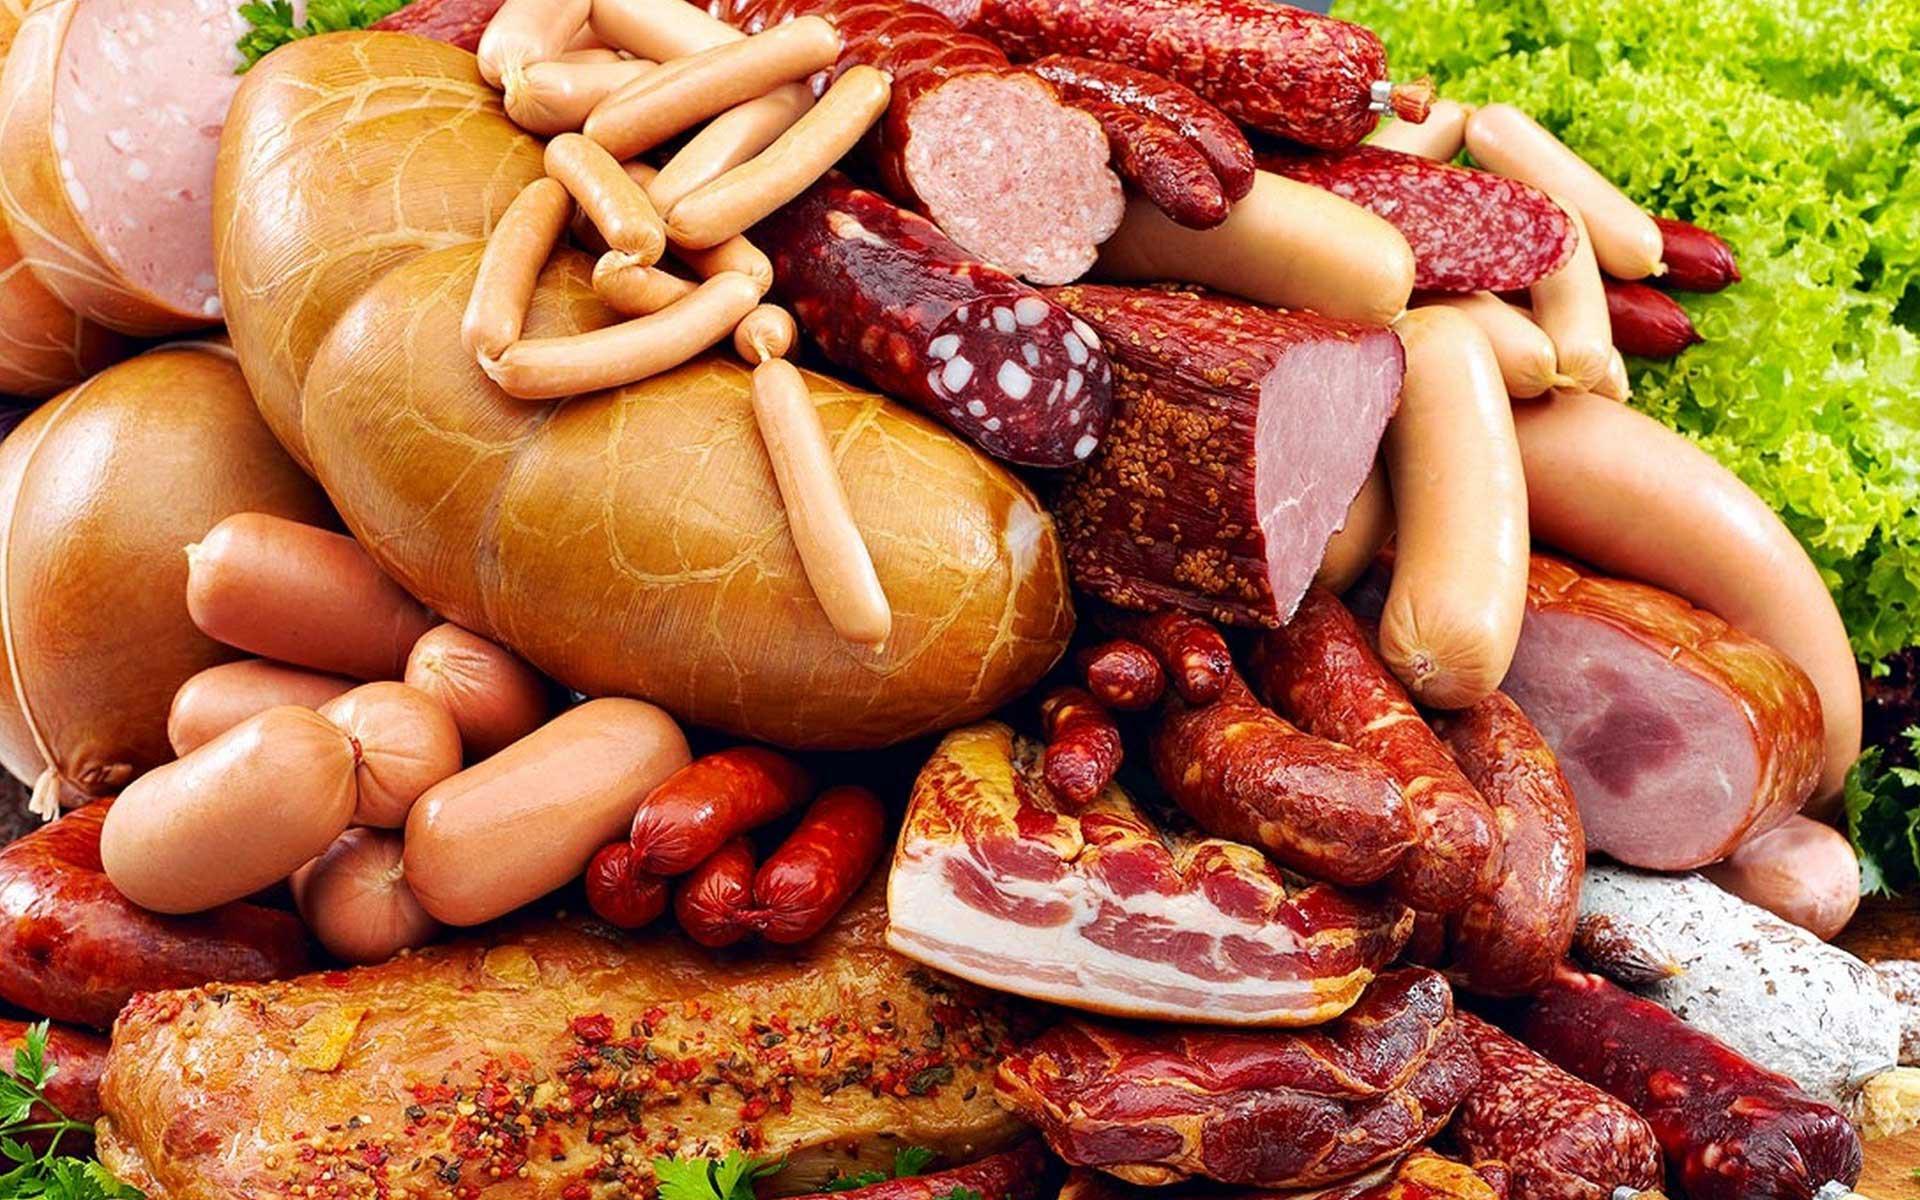 Atentie! Aceste alimente hranesc cancerul, iar noi romanii le consumam in fiecare zi!